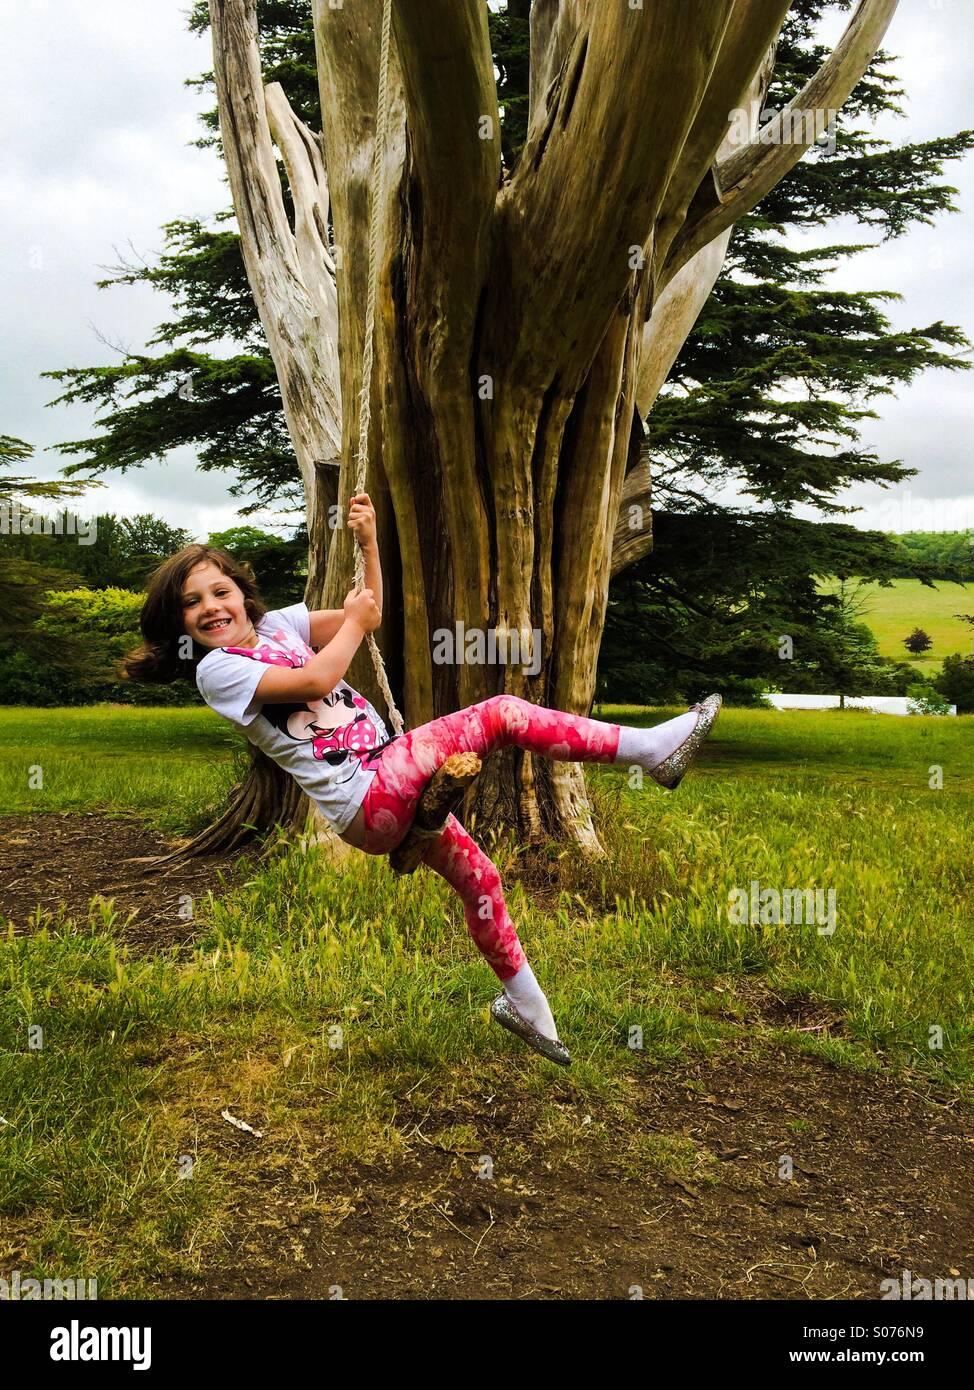 Bambina di cinque anni su albero swing Immagini Stock